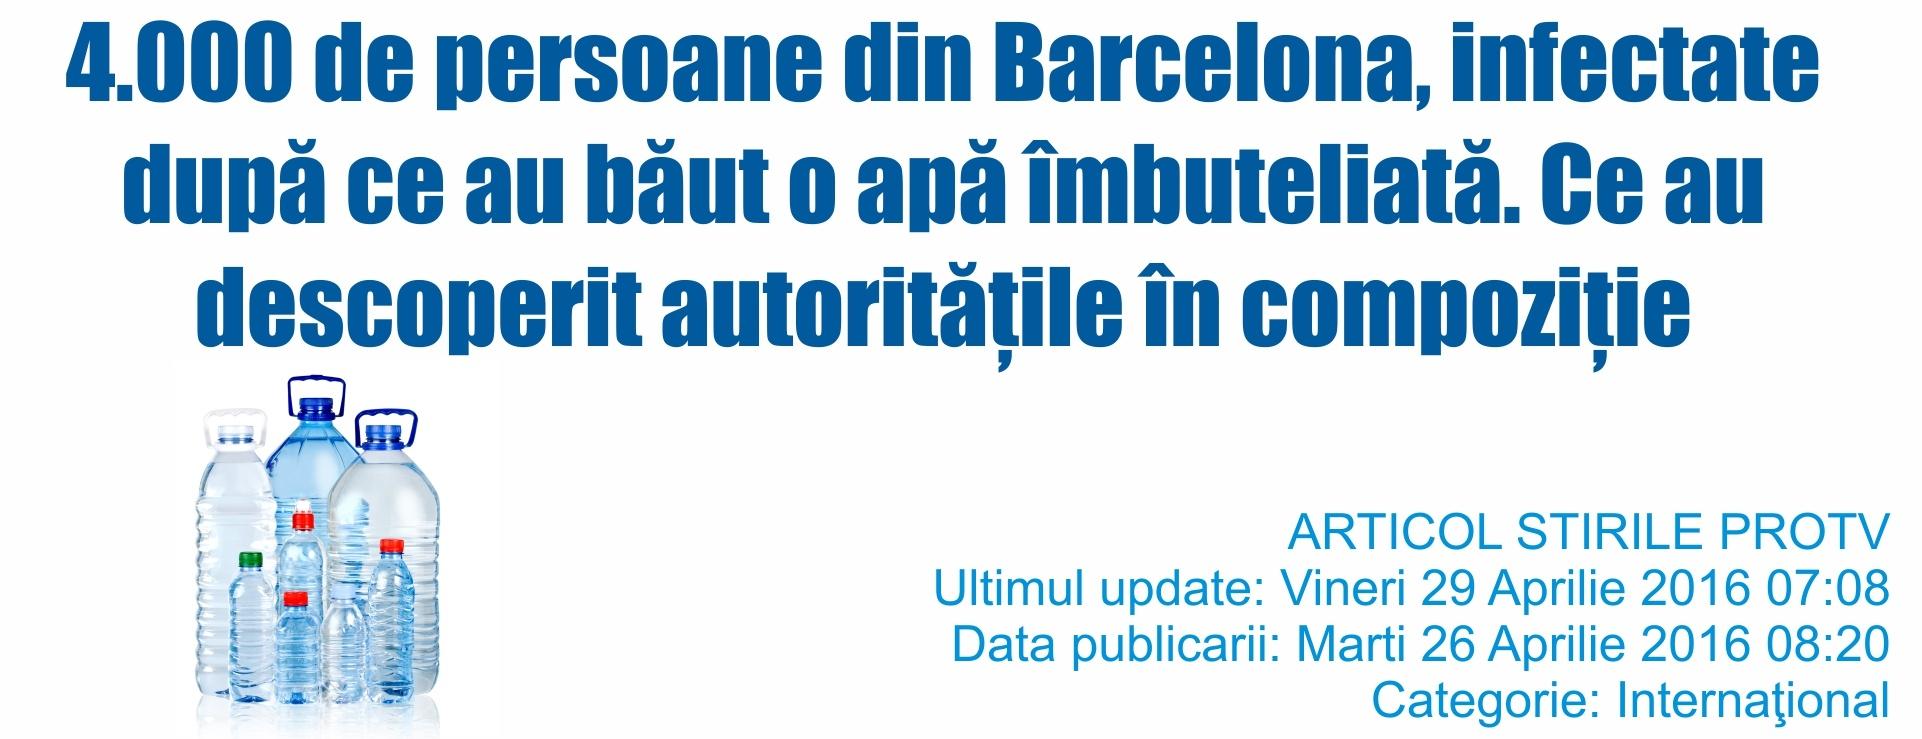 4.000 de persoane din Barcelona, infectate dupa ce au baut o apa imbuteliata. Ce au descoperit autoritatile in compozitie